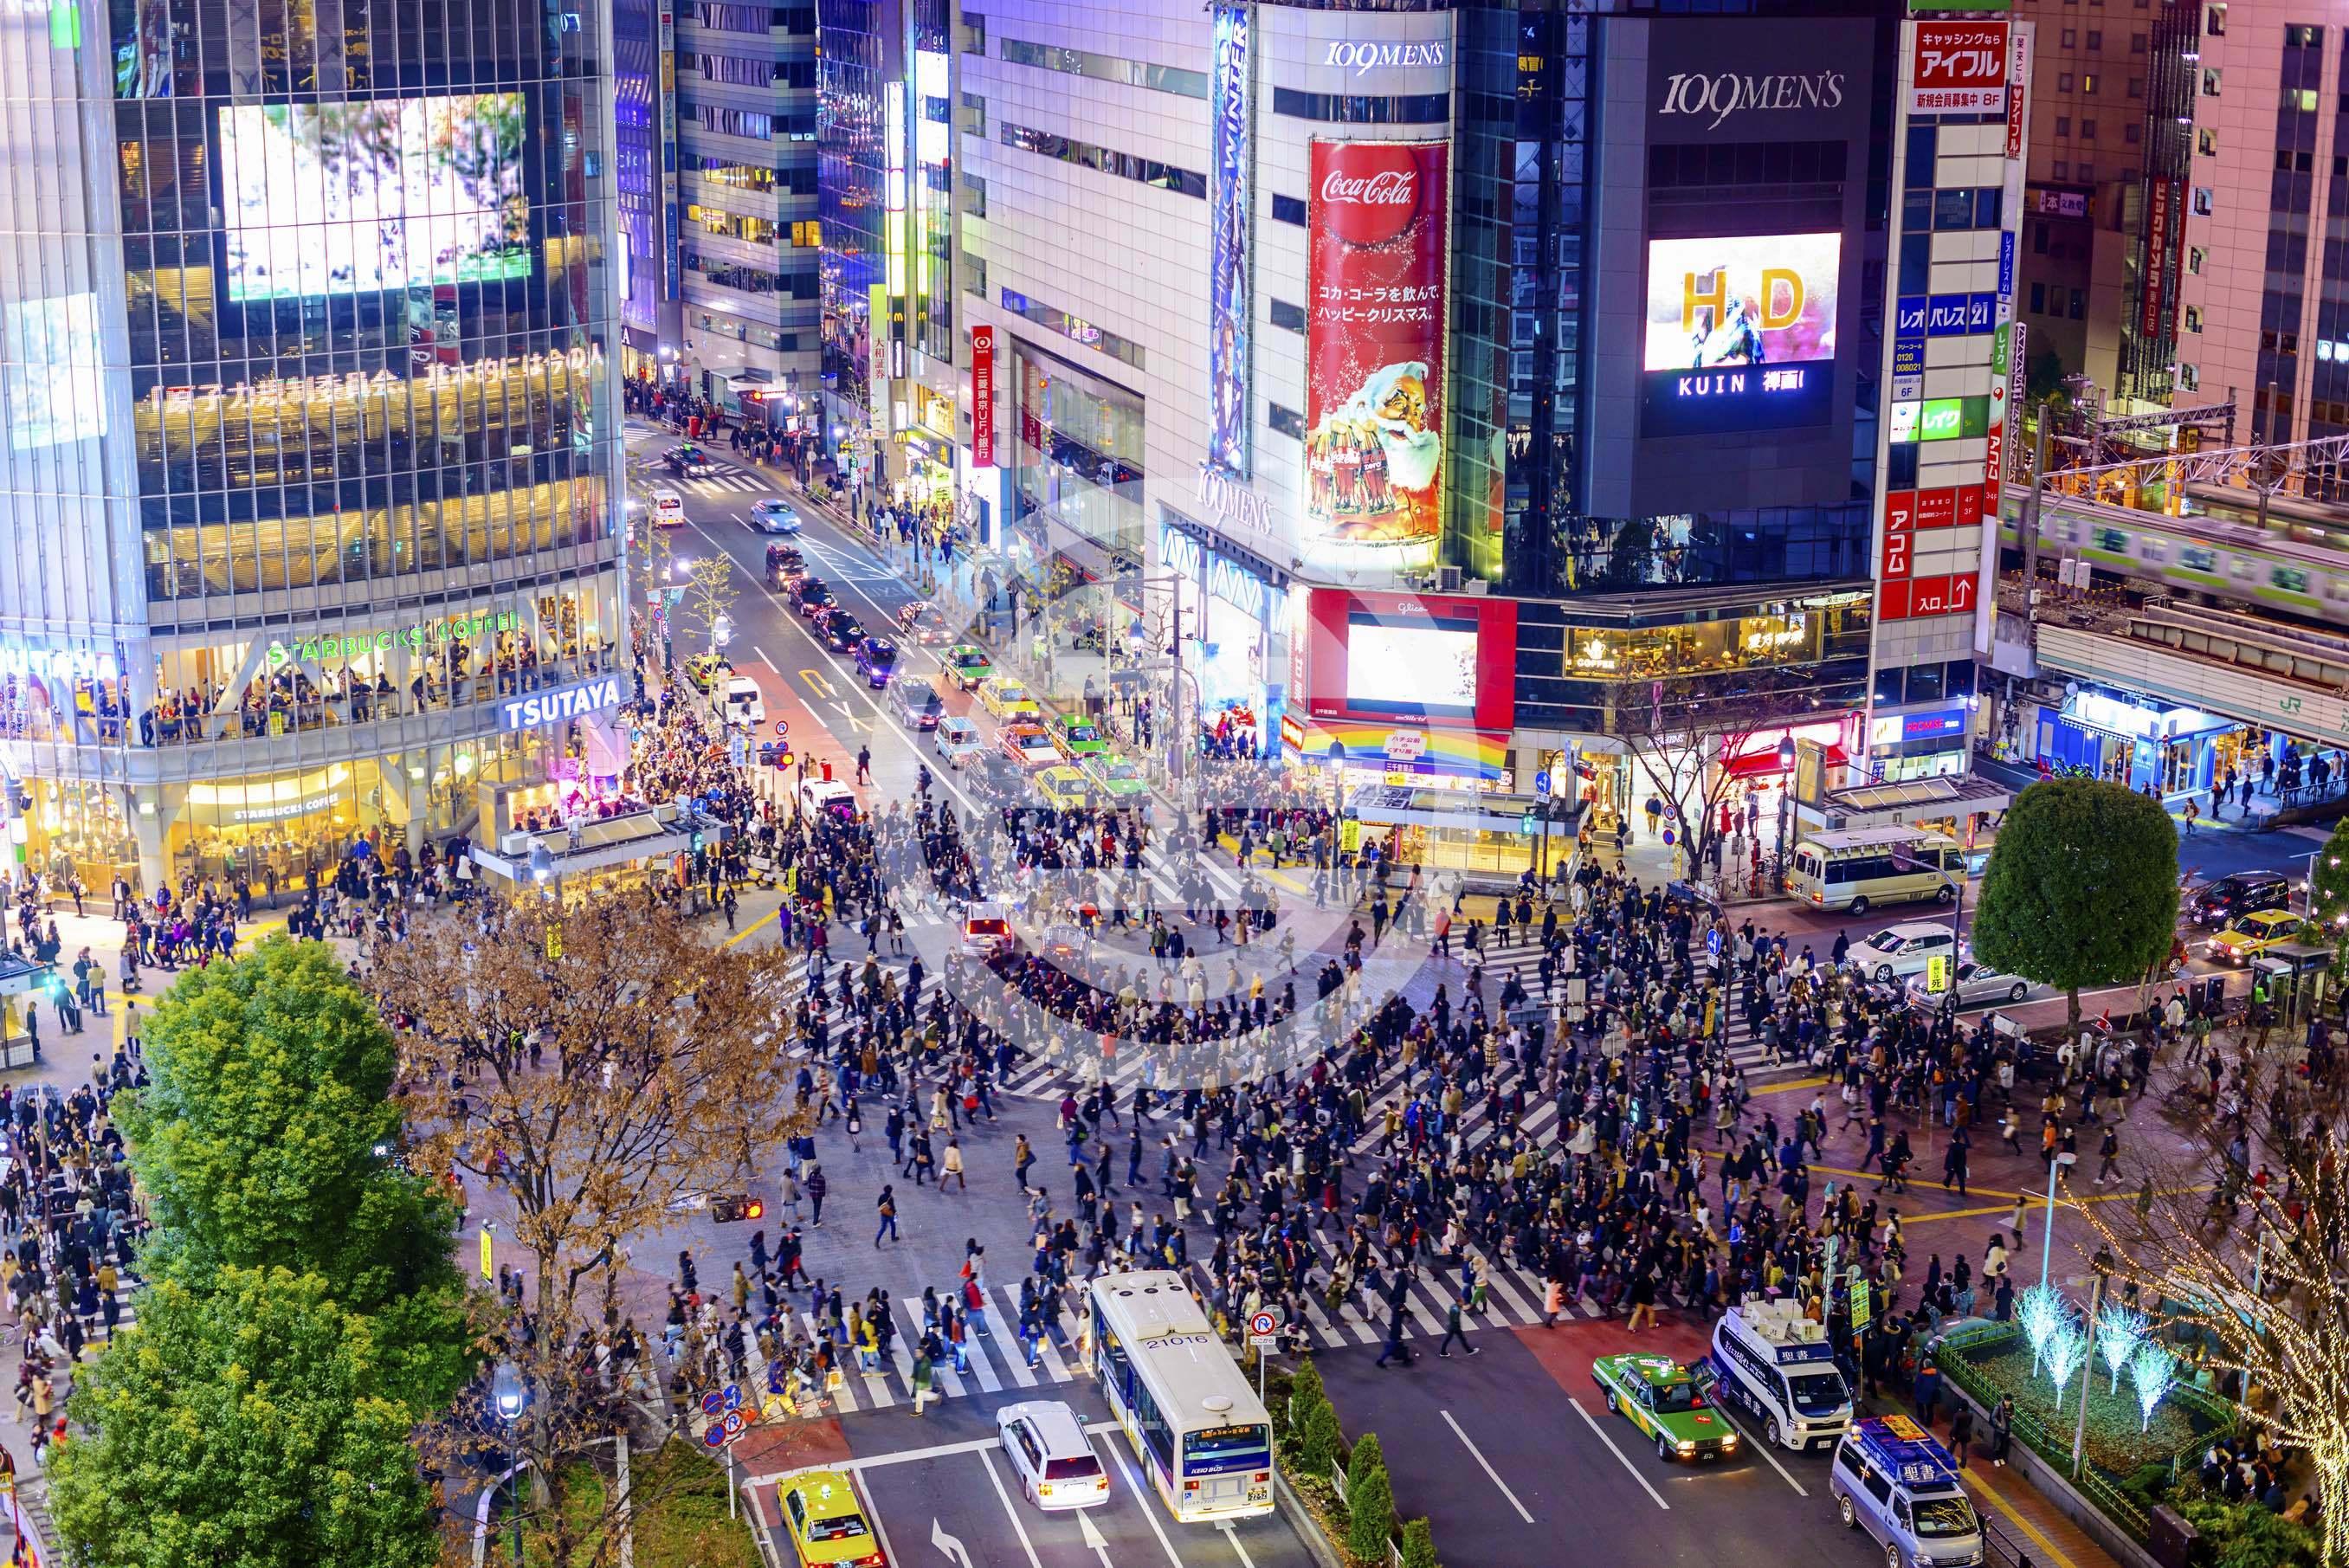 挪威主权财富基金首登亚洲房地产,在东京投资五处地产